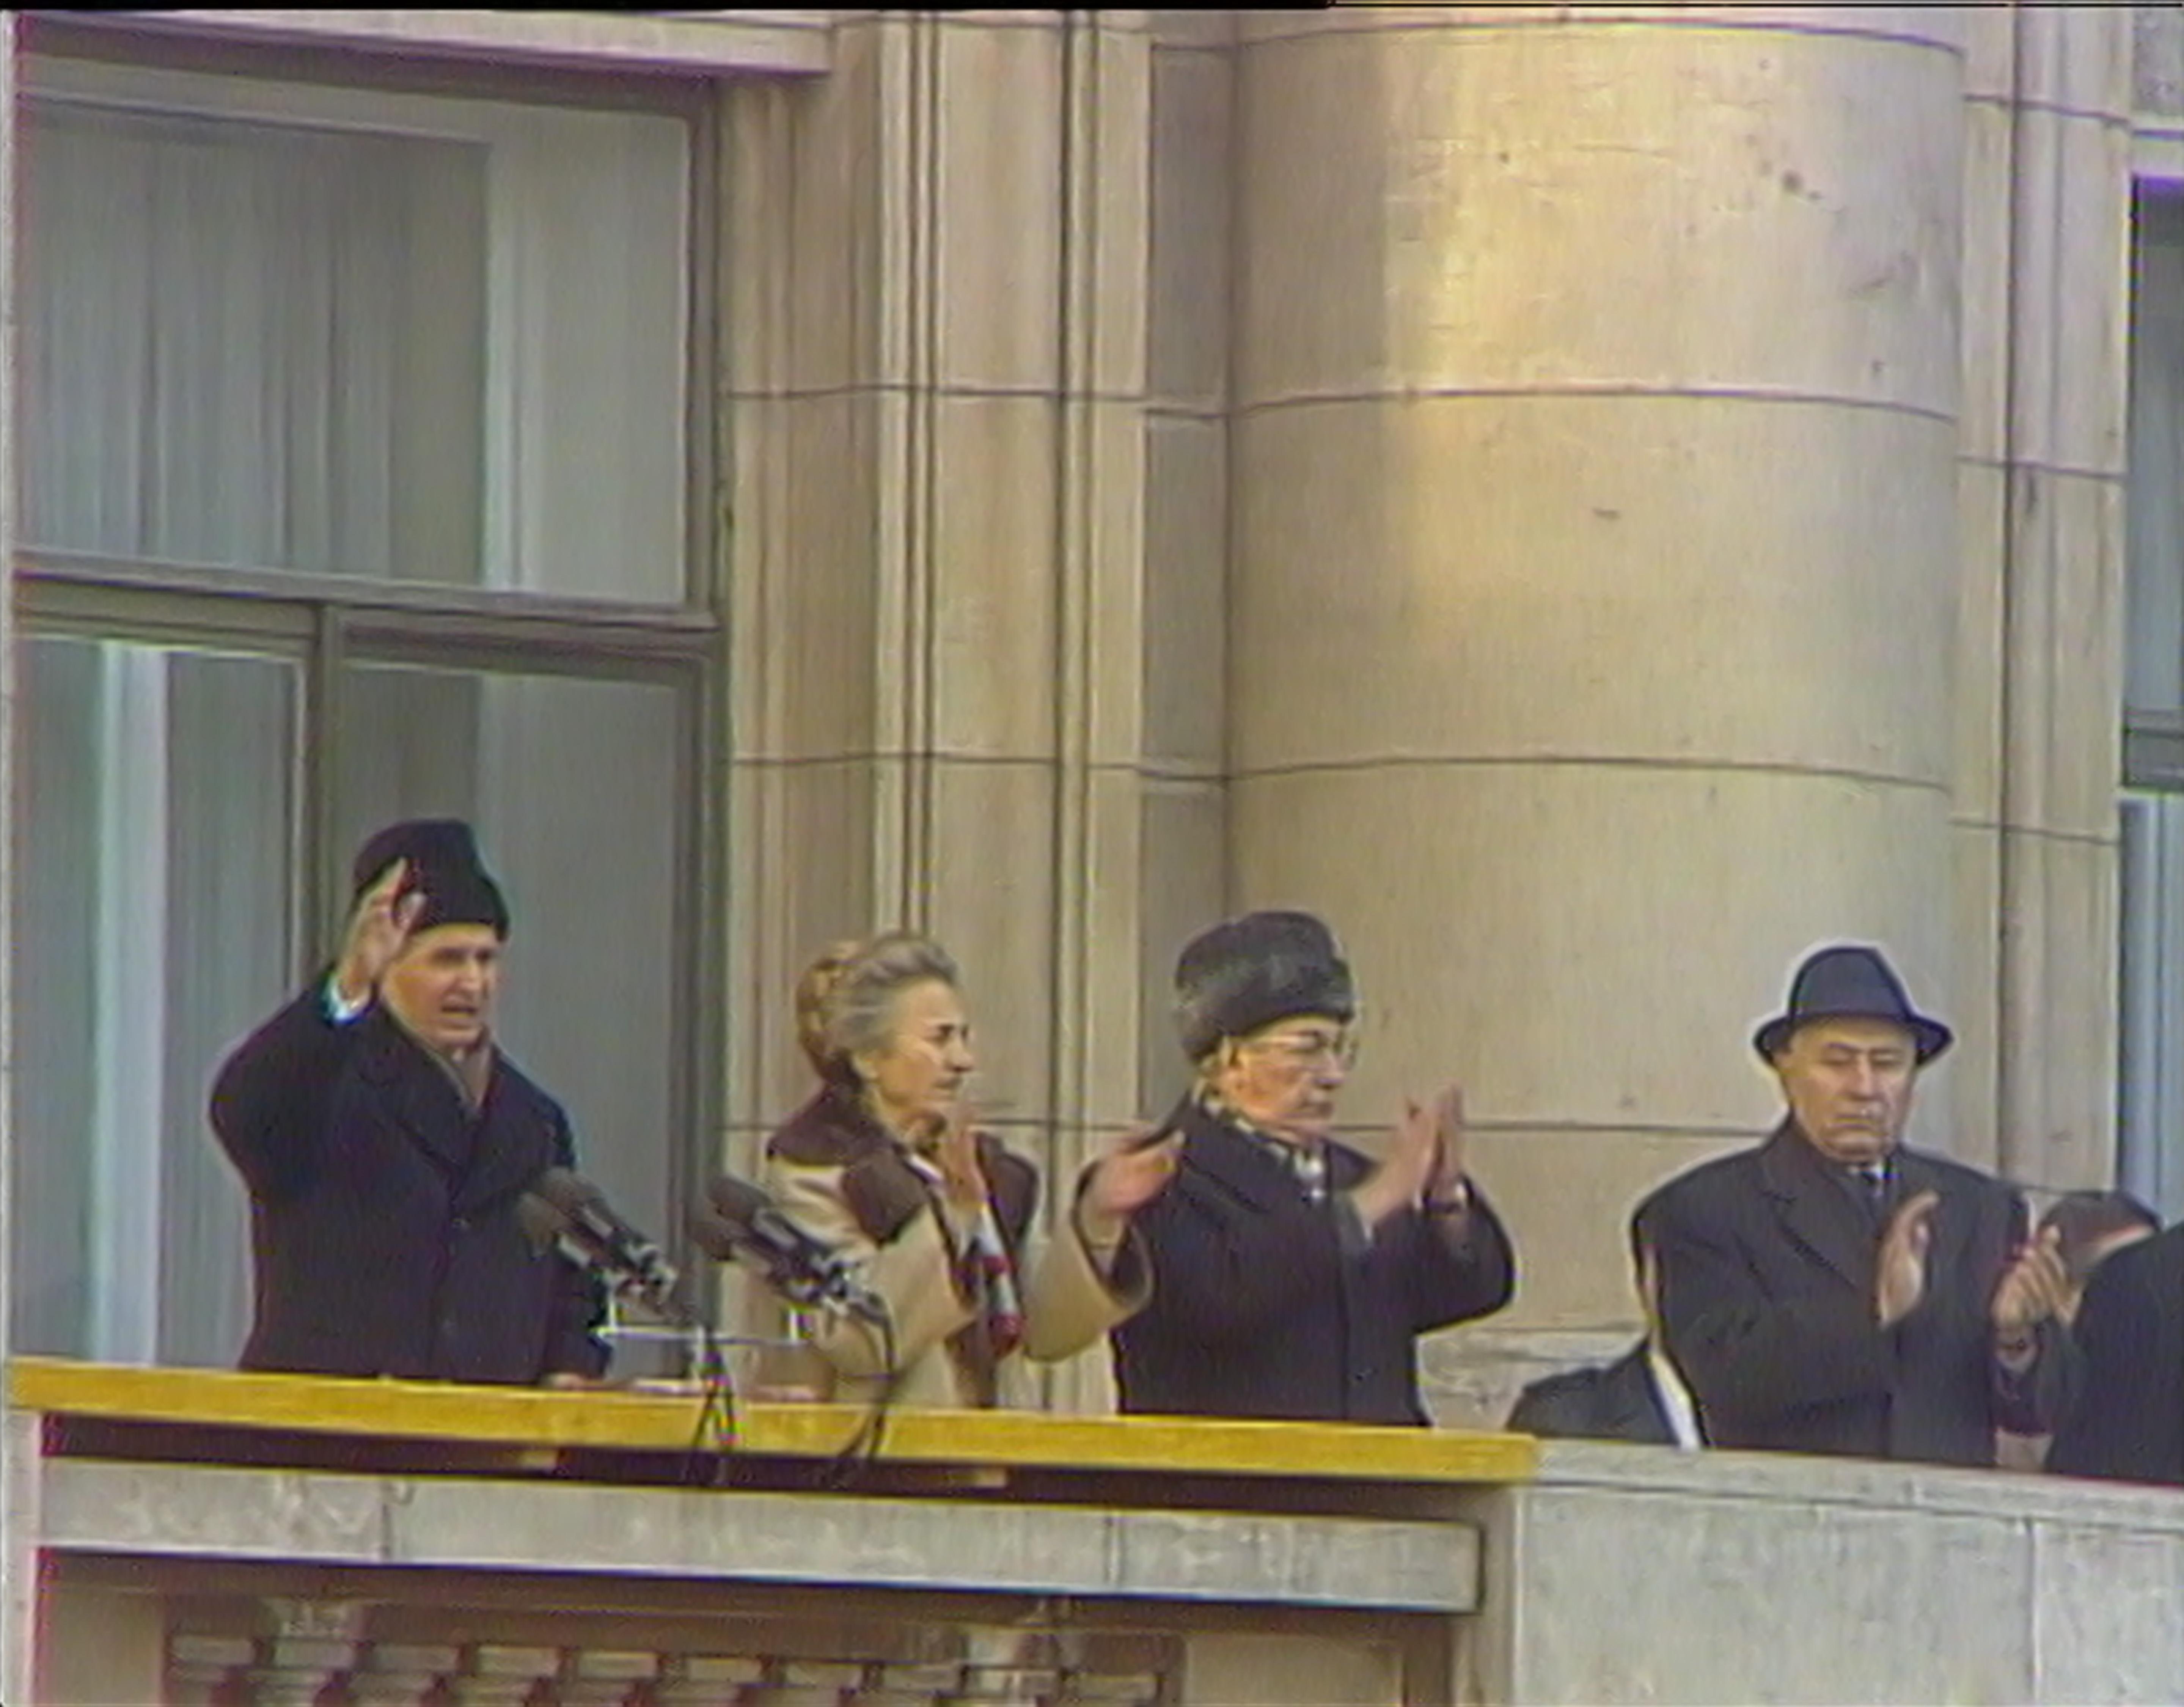 Videogramas de uma revolução   Videograms of a revolution